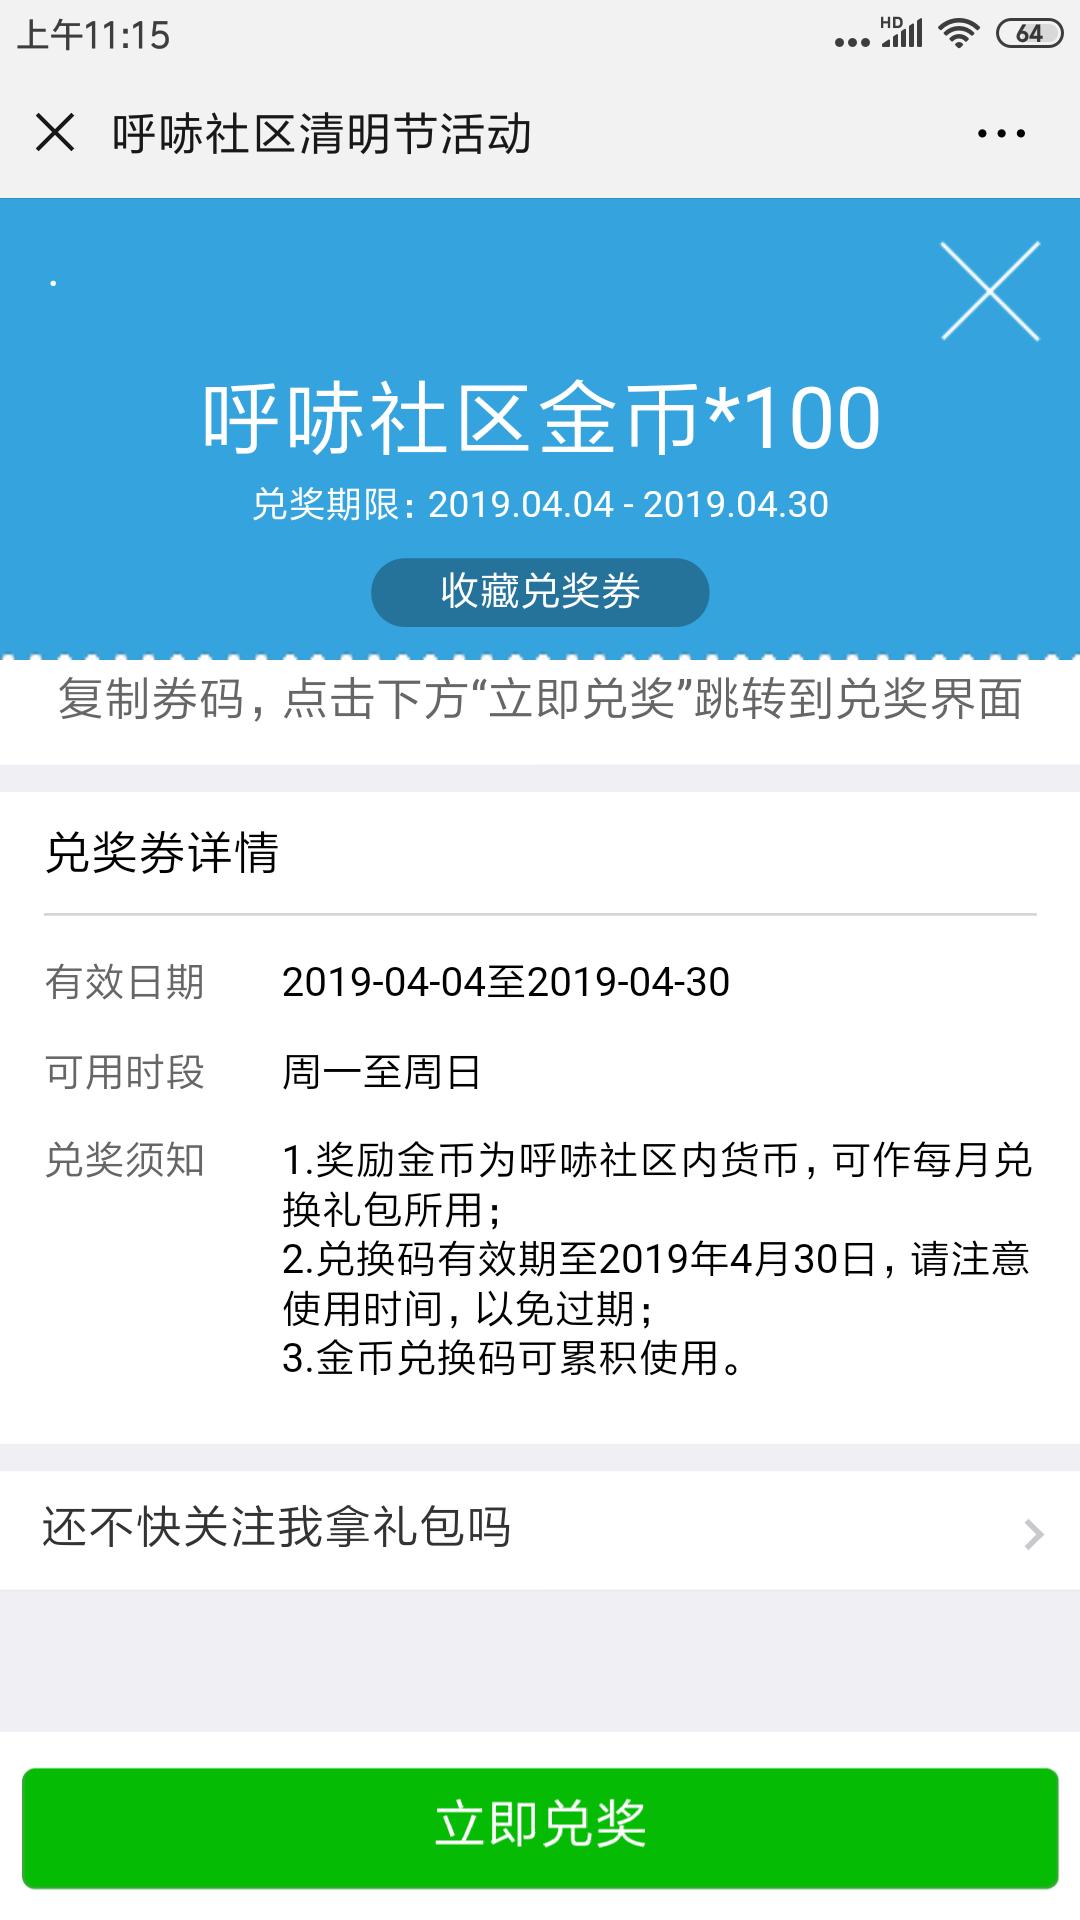 Screenshot_2019-04-08-11-15-42-290_com.tencent.mm.png